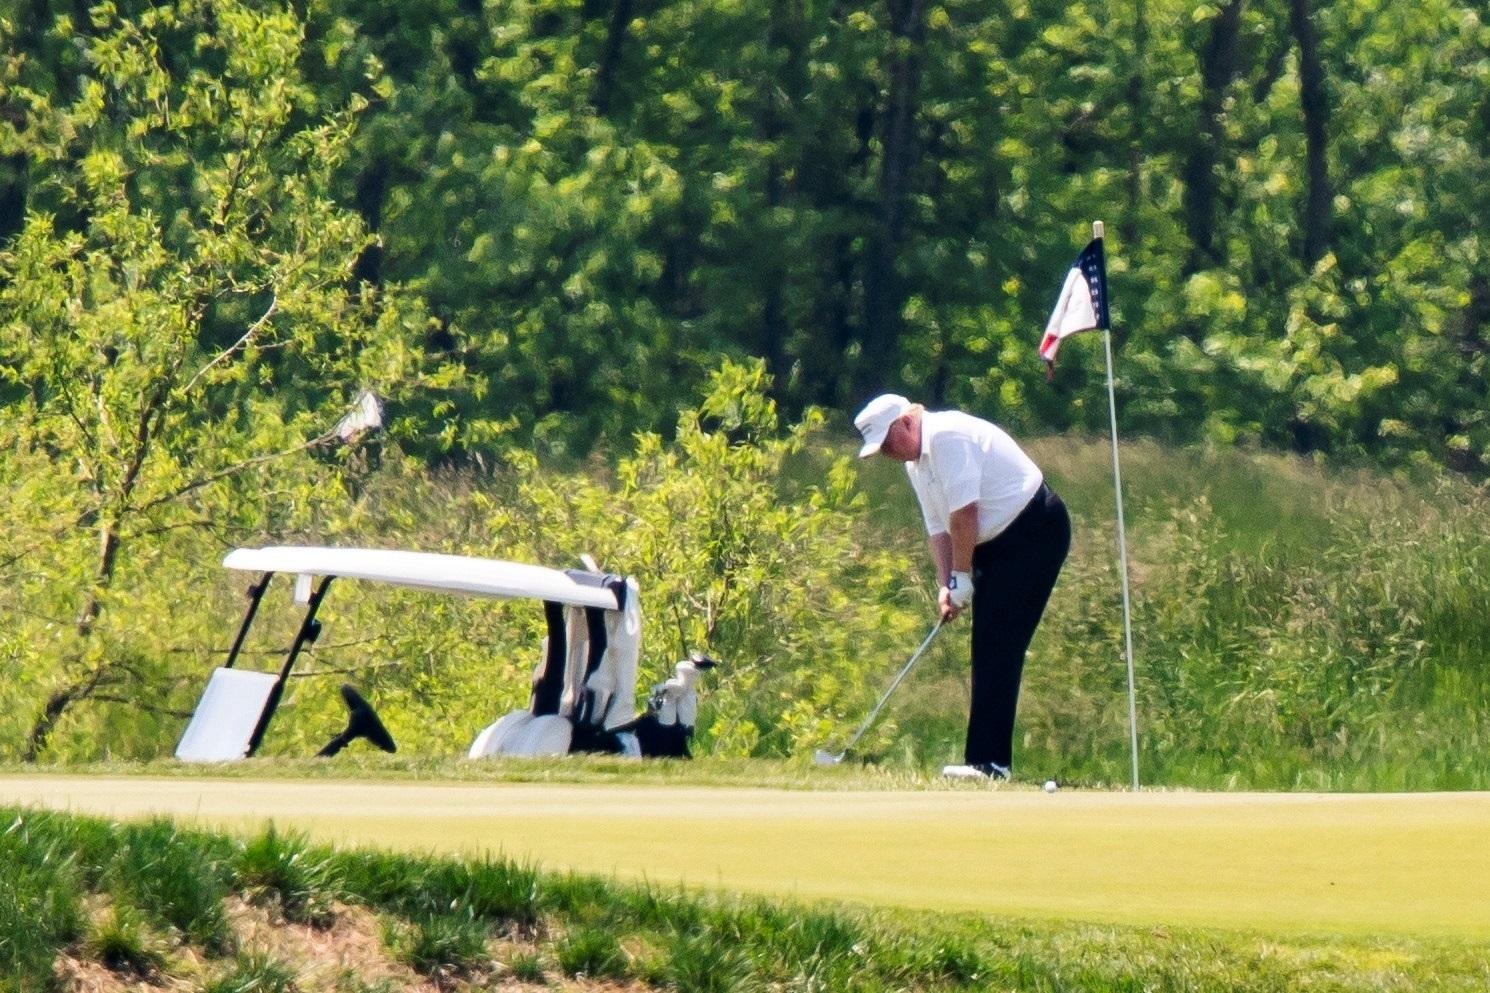 Entre los que tomaron sol y disfrutaron de la naturaleza el sábado estuvo el presidente Donald Trump, a quien se vio jugando golf en su club deportivo en el norte de Virginia, en su primera salida desde que la Casa Blanca declaró una emergencia nacional por la epidemia de coronavirus en marzo